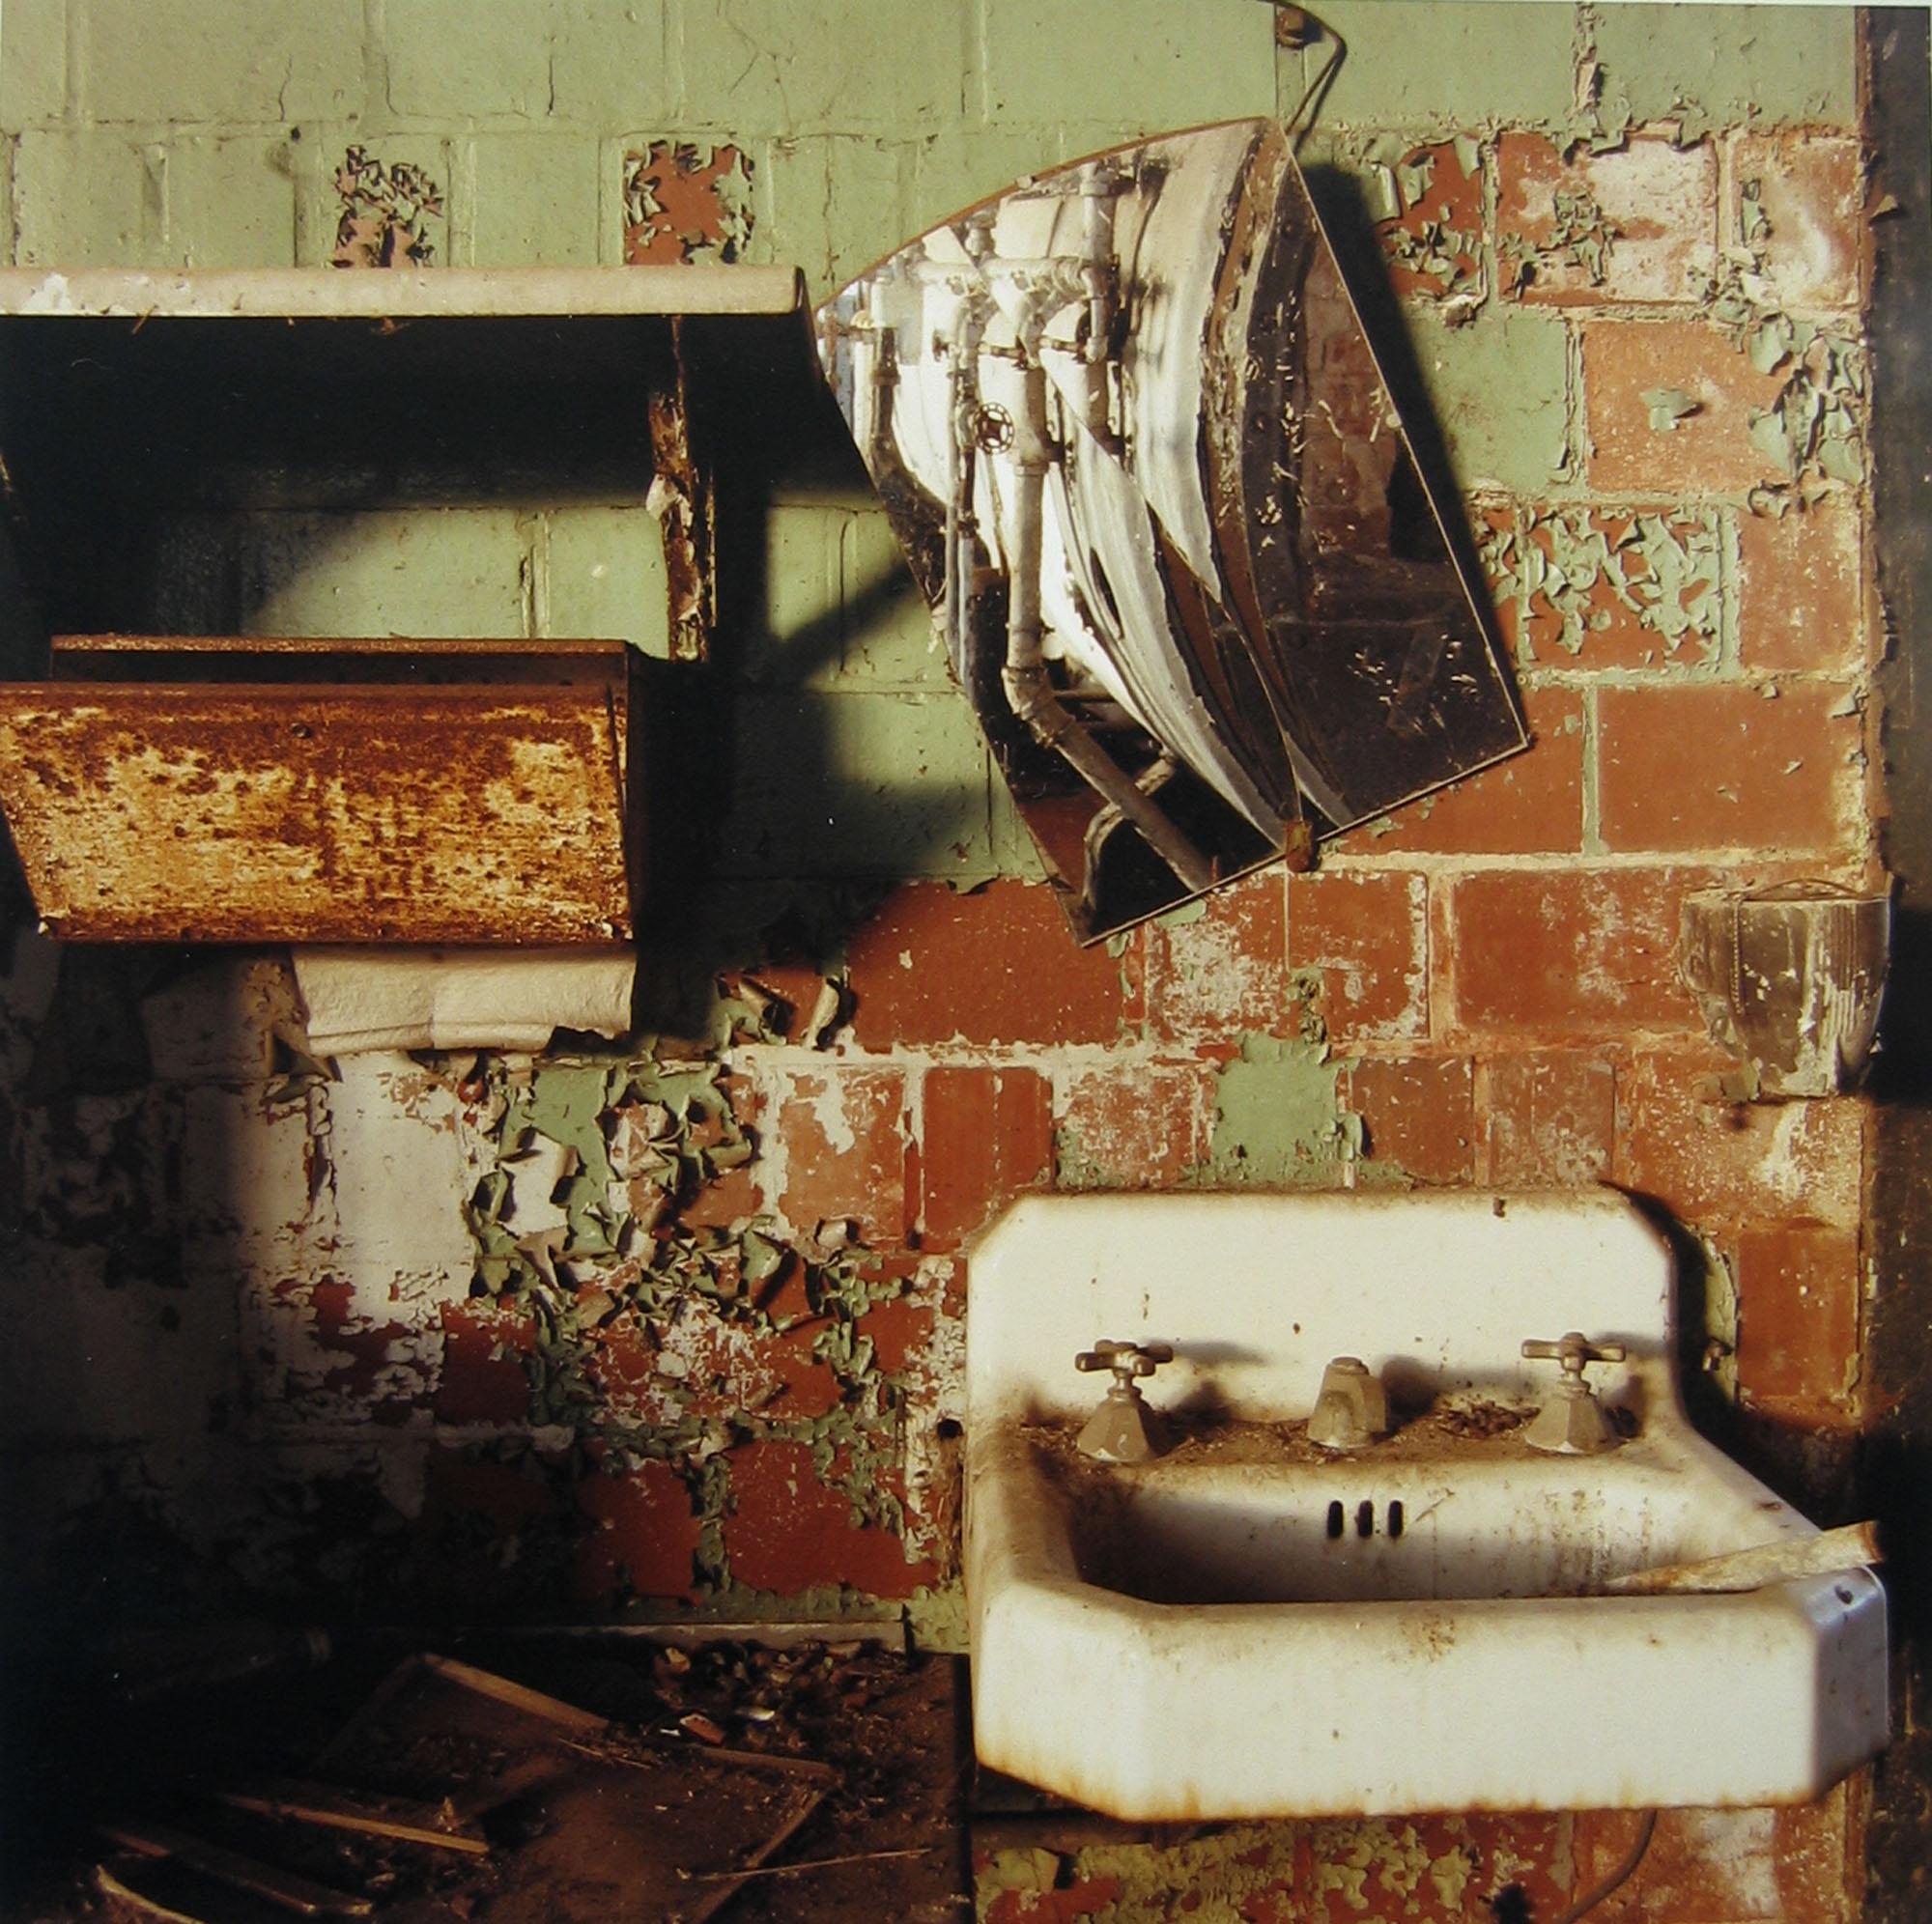 Furnace room sink, October 1996